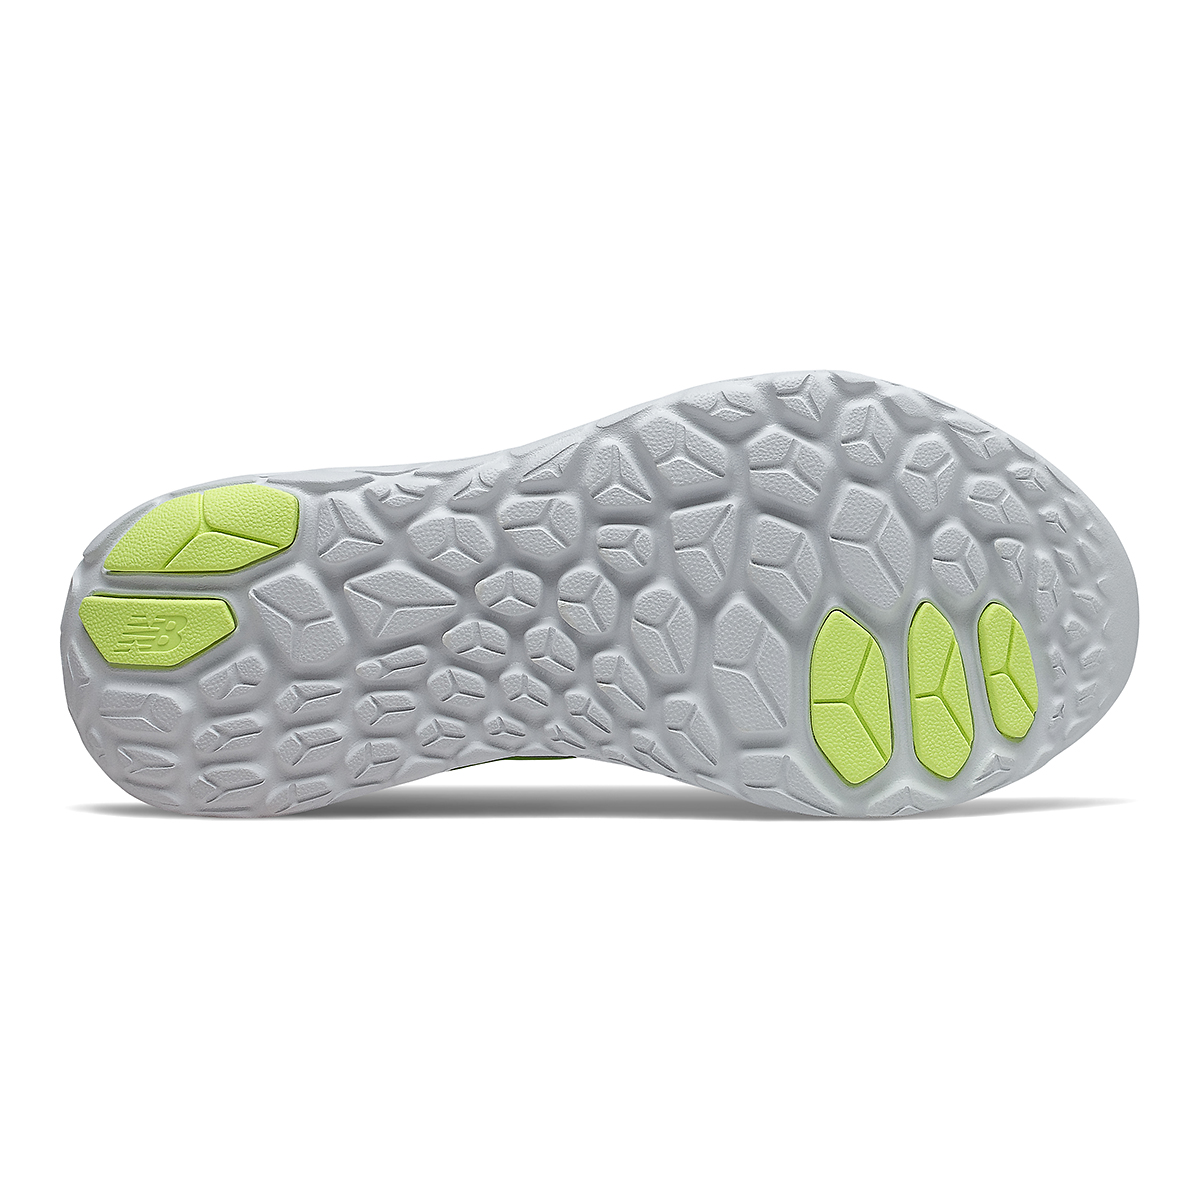 Women's New Balance Beacon V3 Running Shoe - Color: Star Glo/Bleacher Lime Glo - Size: 7 - Width: Regular, Star Glo/Bleacher Lime Glo, large, image 4